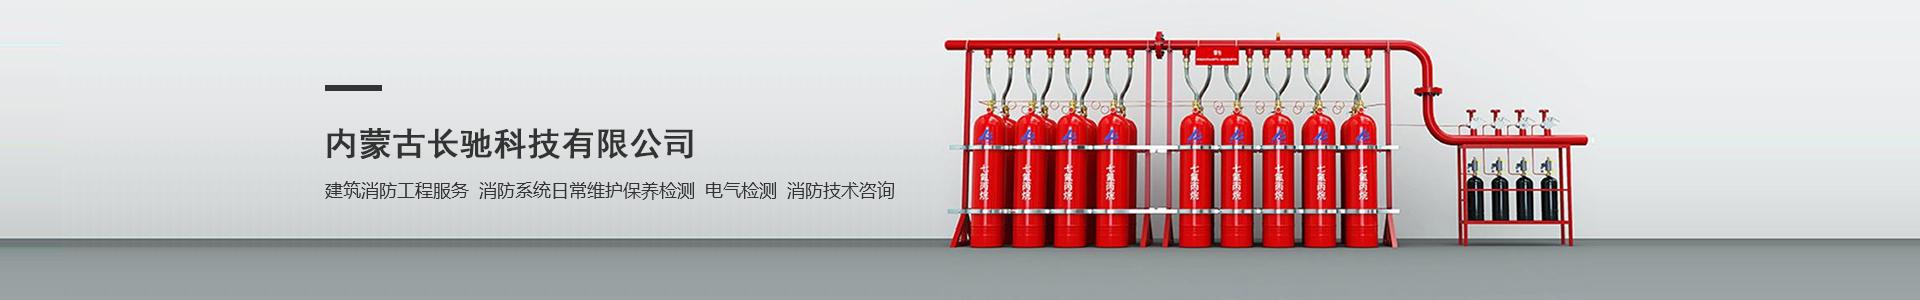 内蒙古消防检测